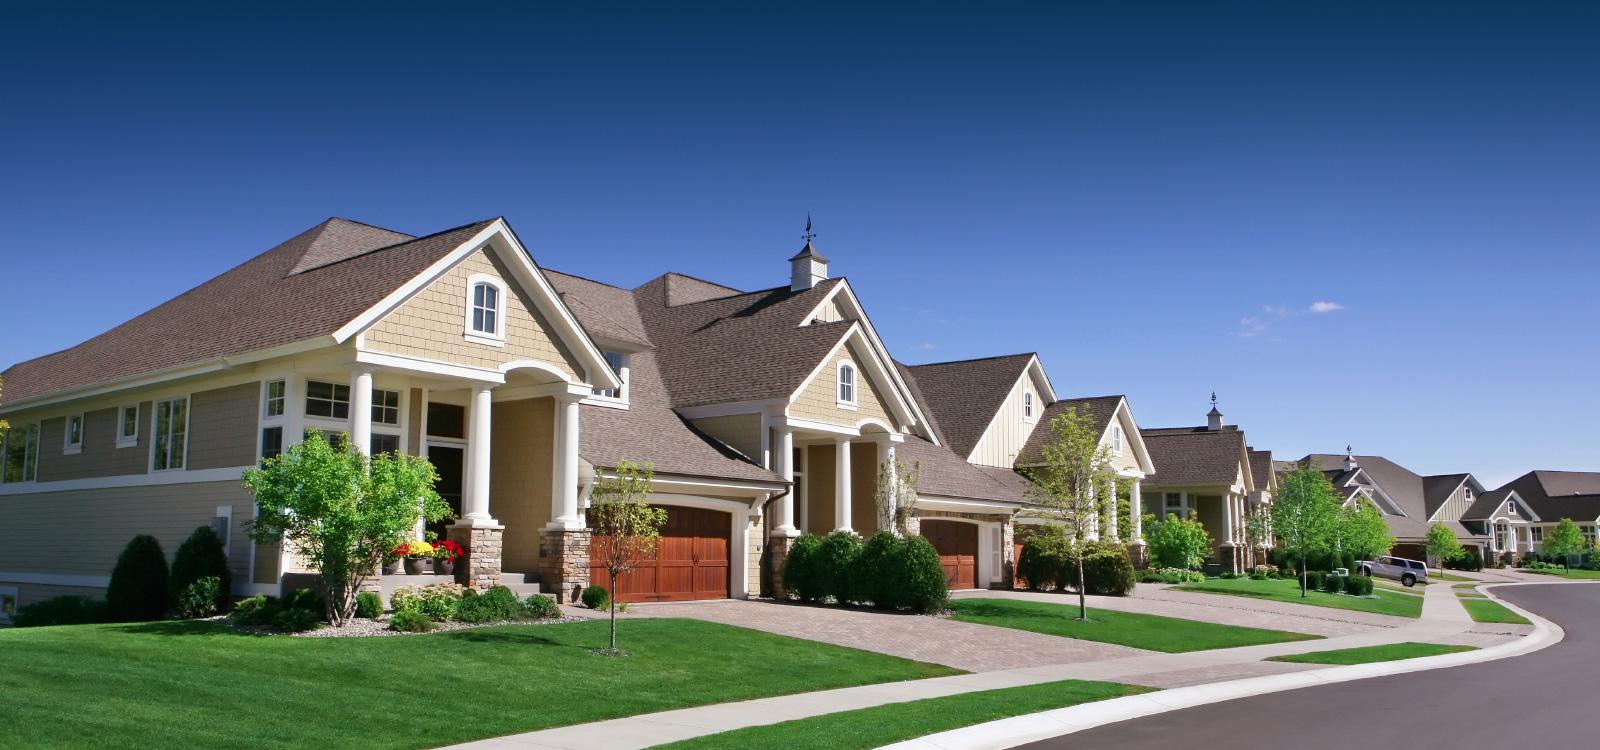 Home Inspection Checklist Plano